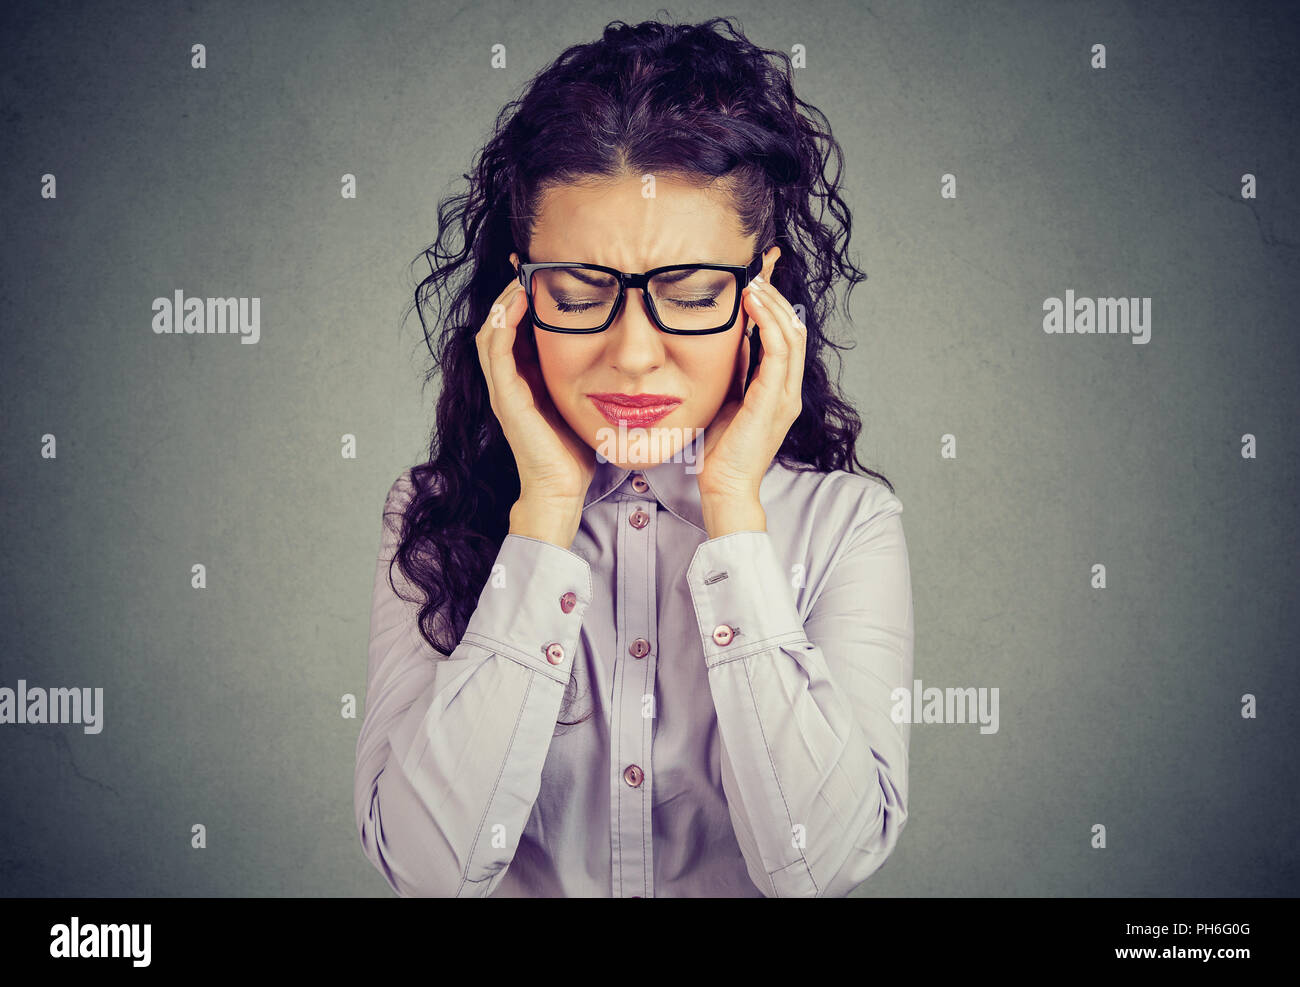 Les griffes de la femme, dans les verres sur les temples d'essayer de se concentrer sur la prise de décisions à la recherche a souligné Photo Stock